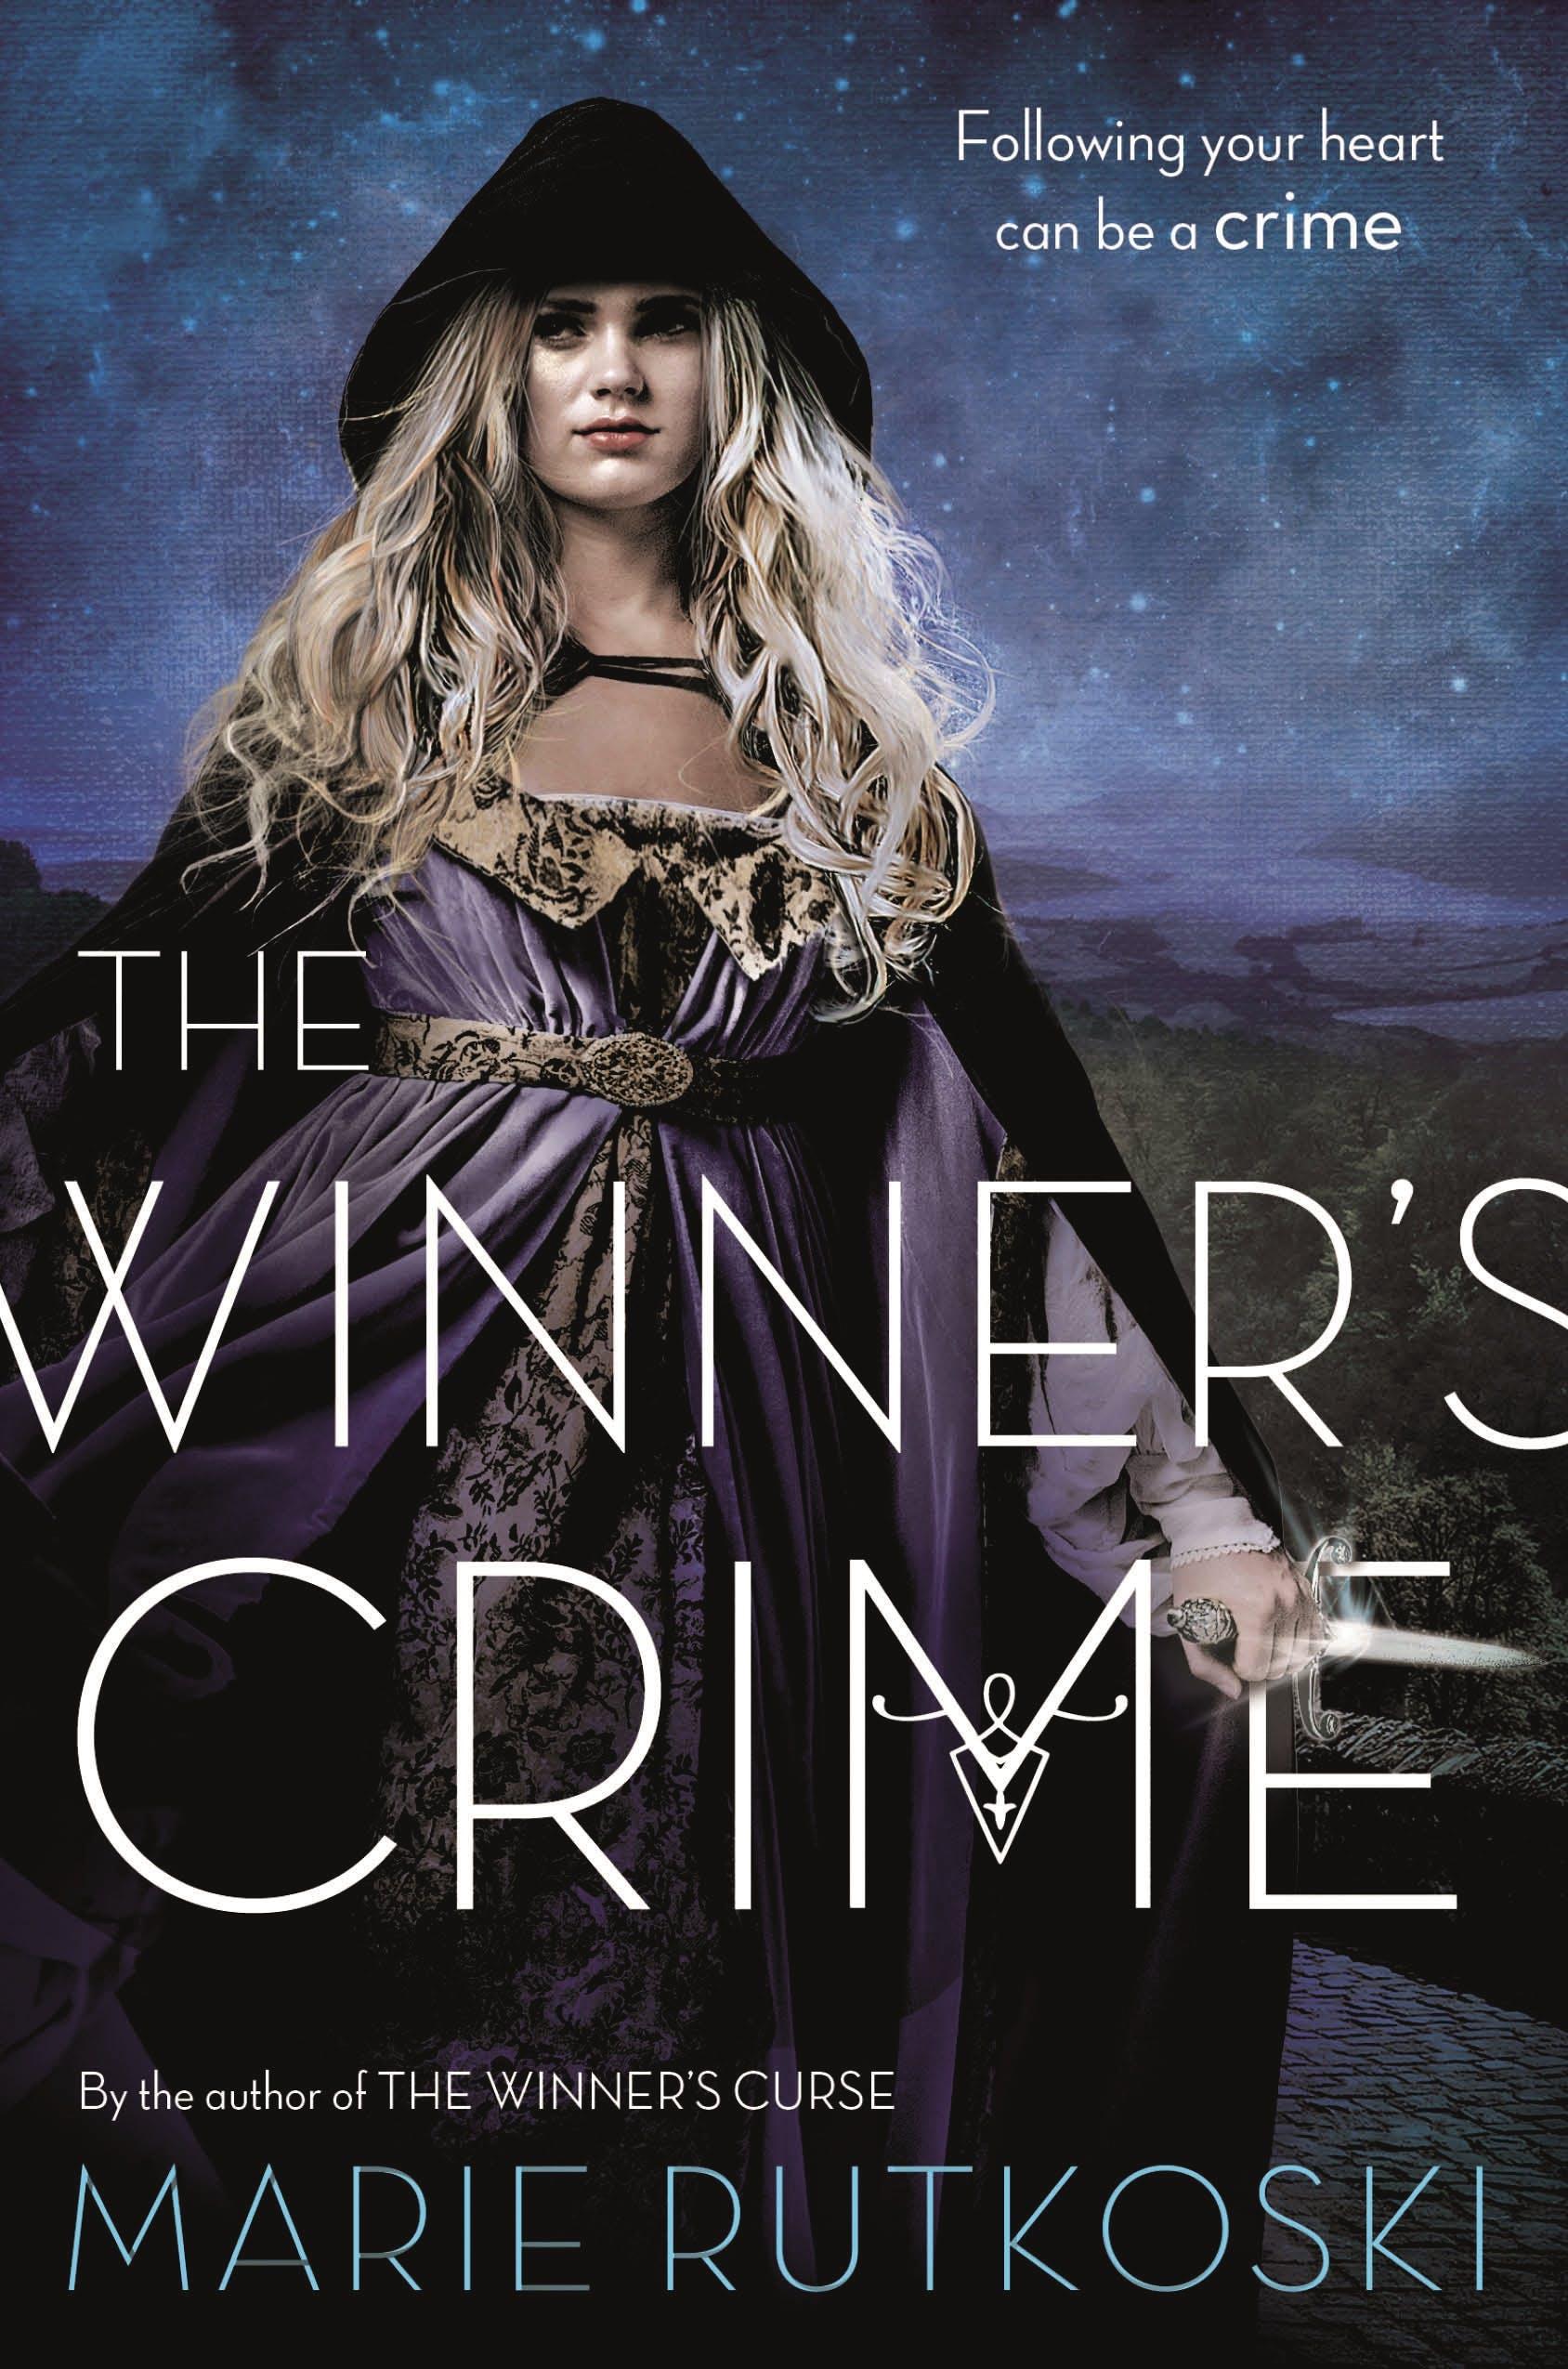 Image of The Winner's Crime